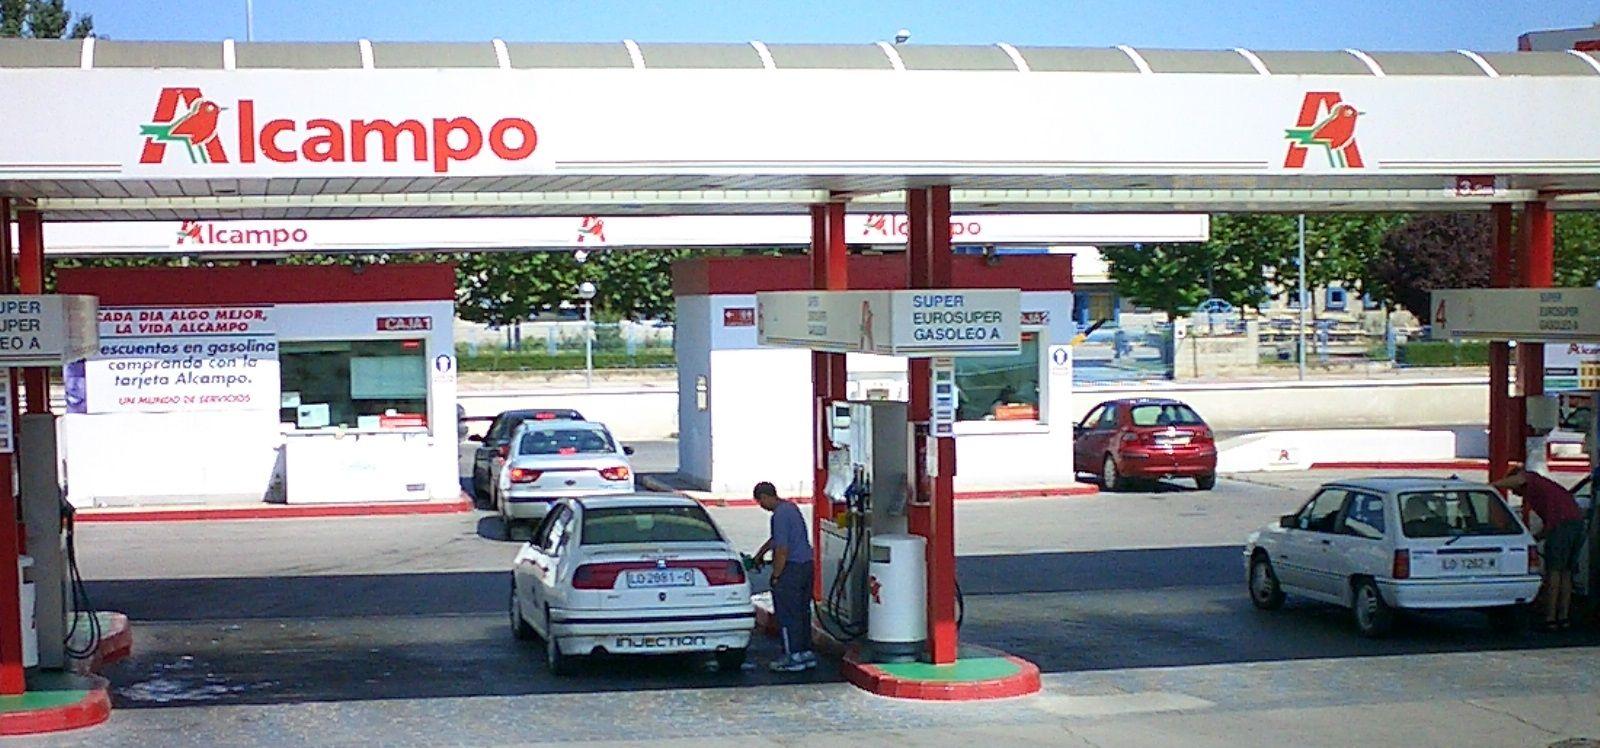 Azs el navegador. Los precios de la gasolina